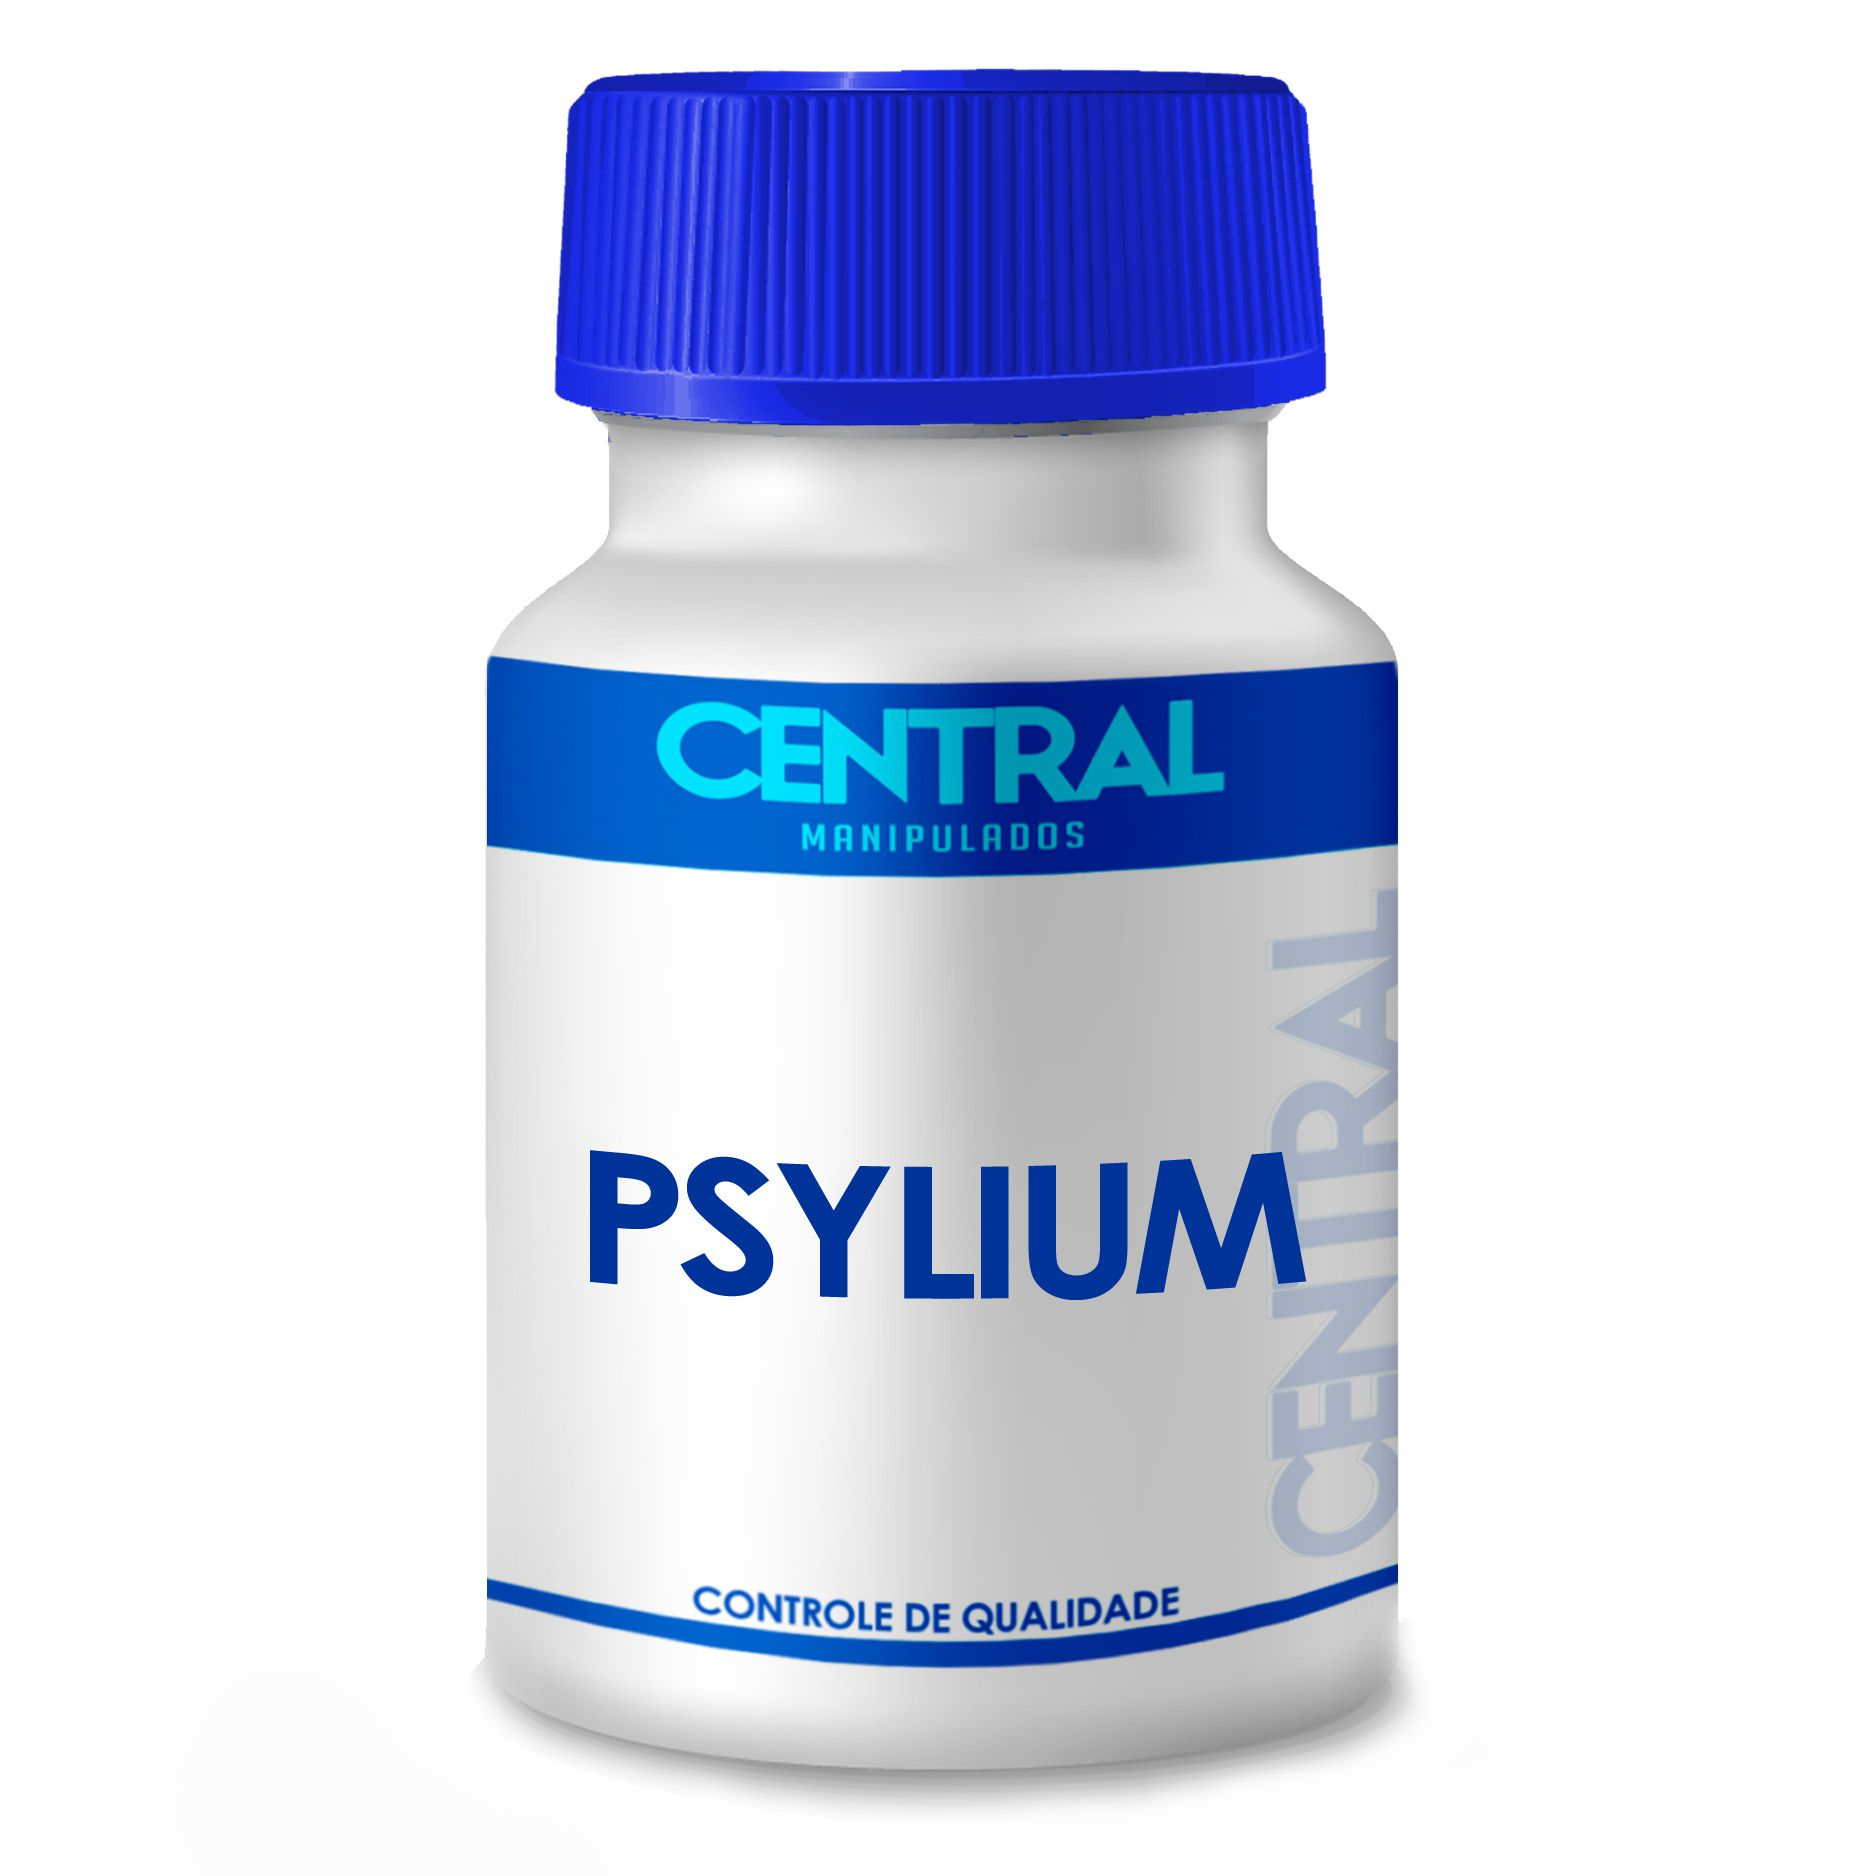 Psyllium - Para constipação crônica, hemorroidas, colites e diverticulites - 500mg 120 cápsulas